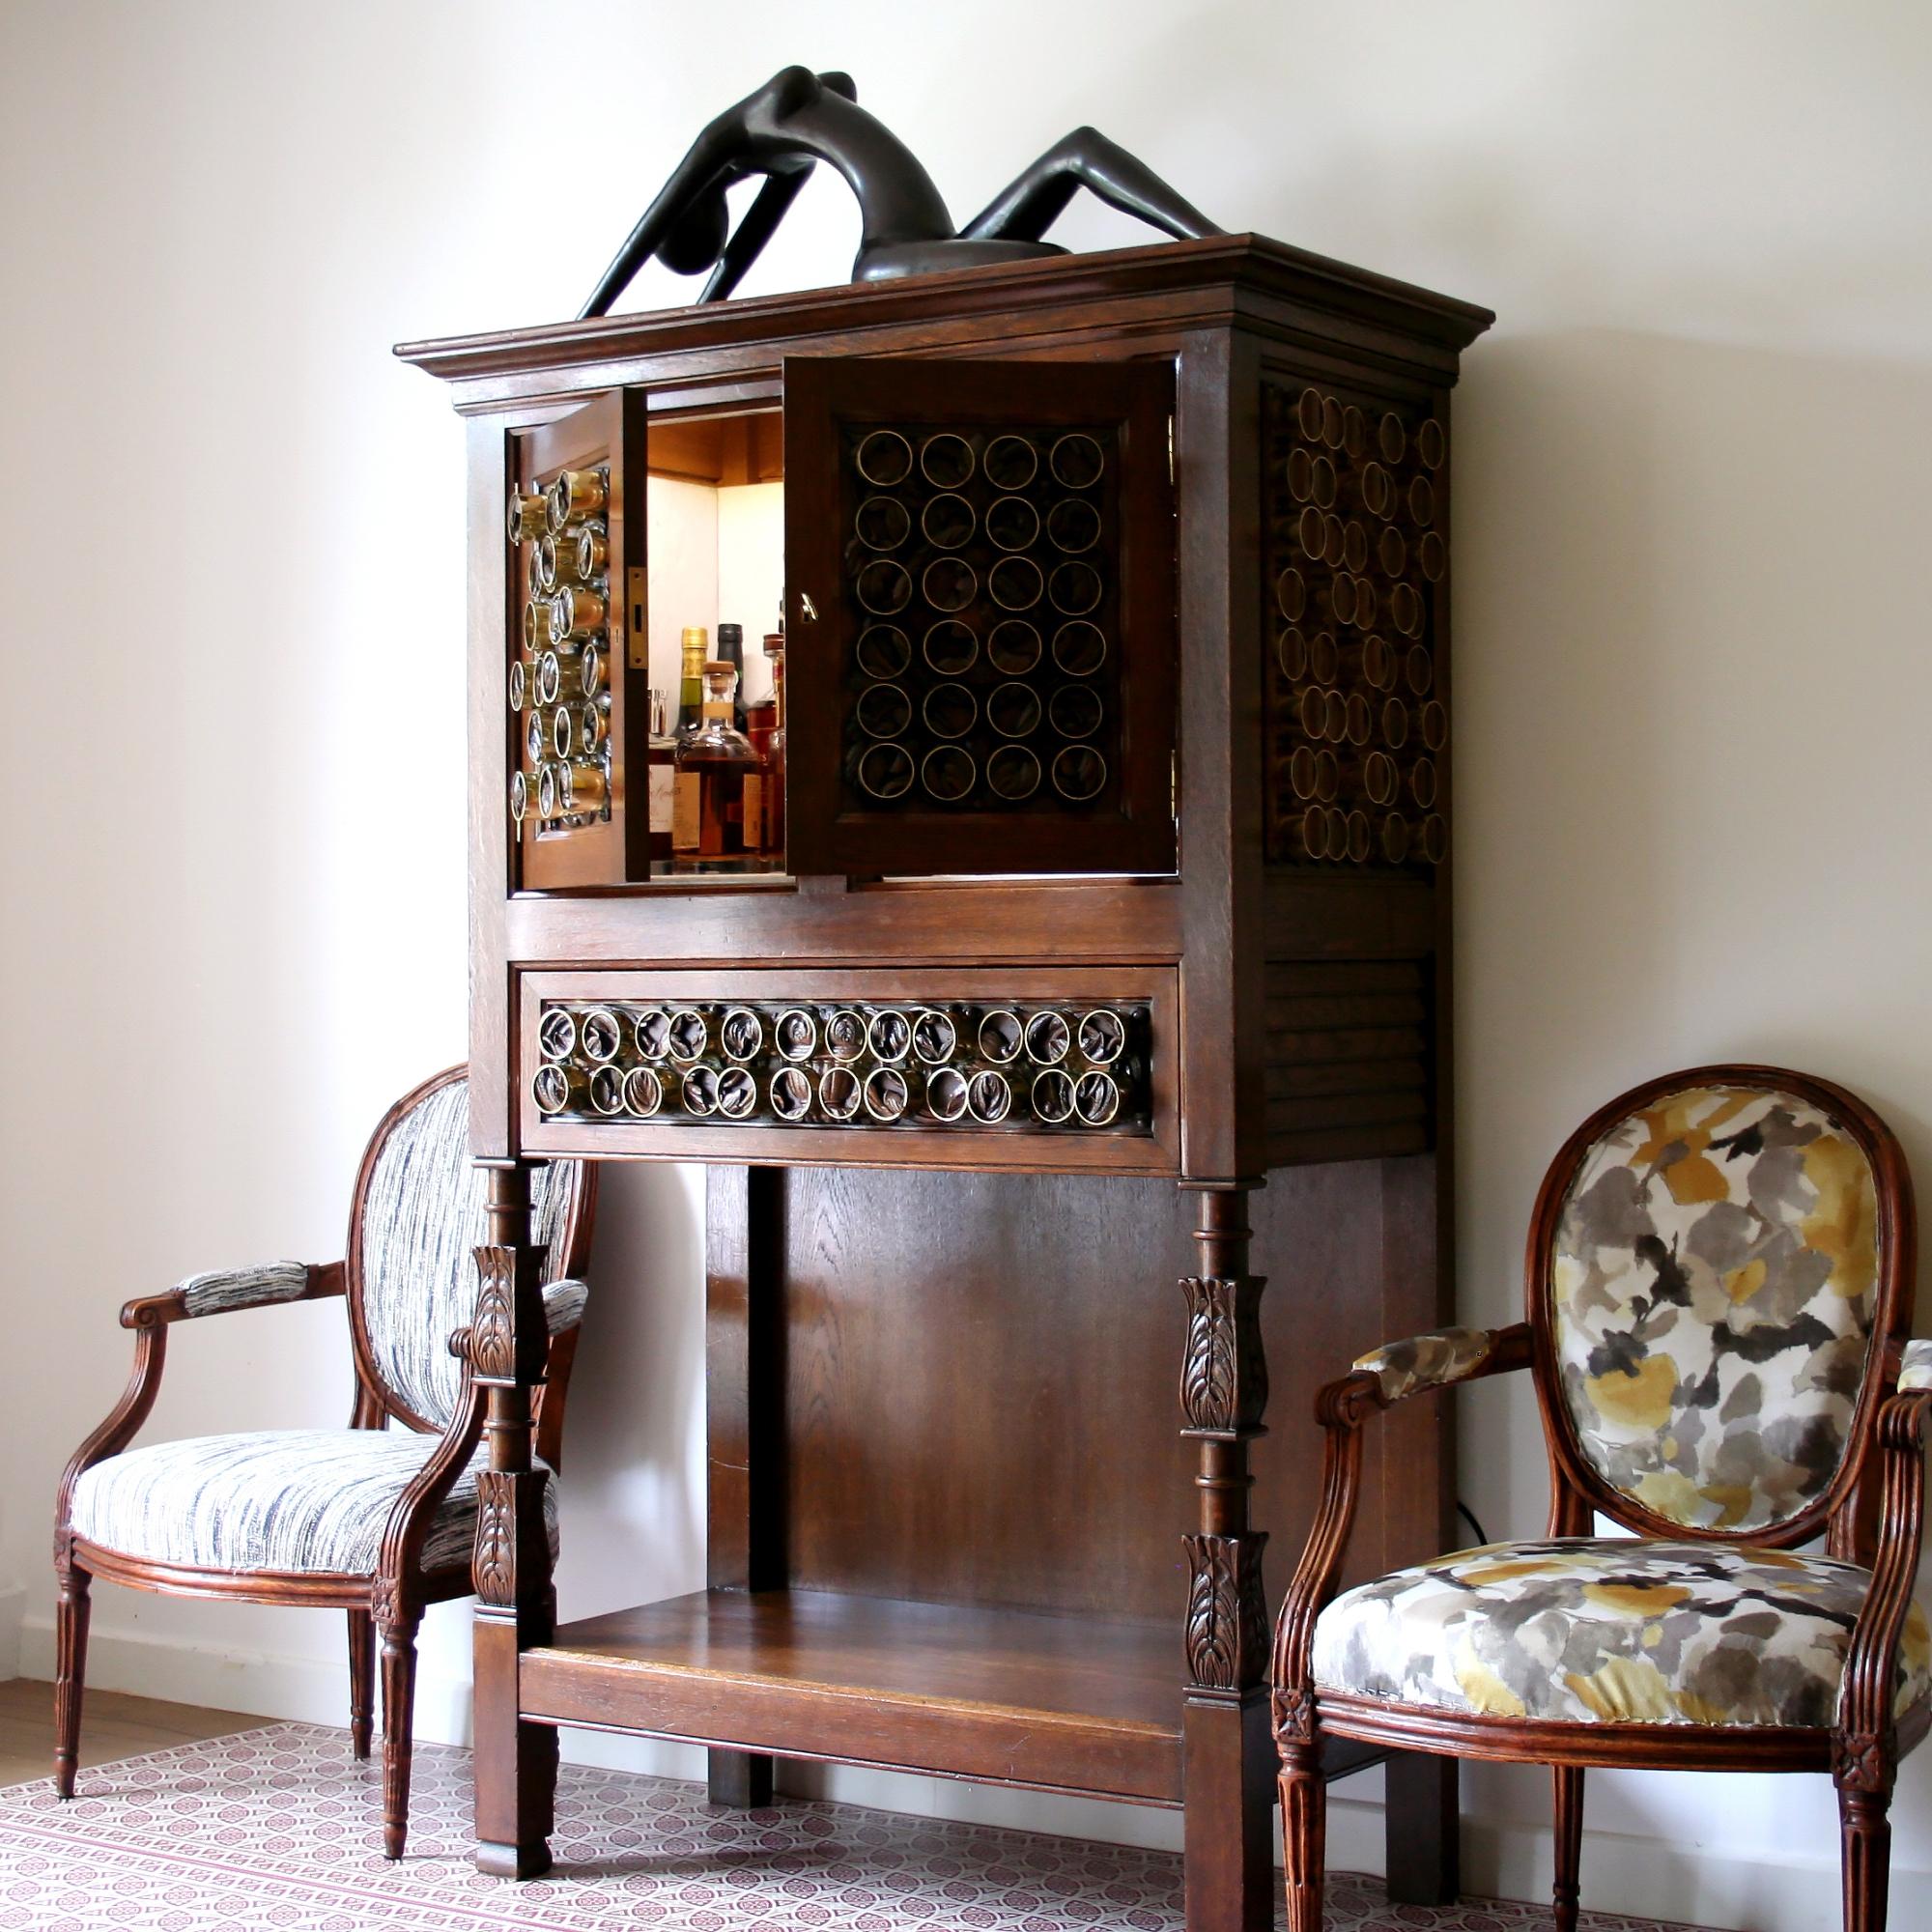 Mobilier ancien réinventé en mobilier moderne